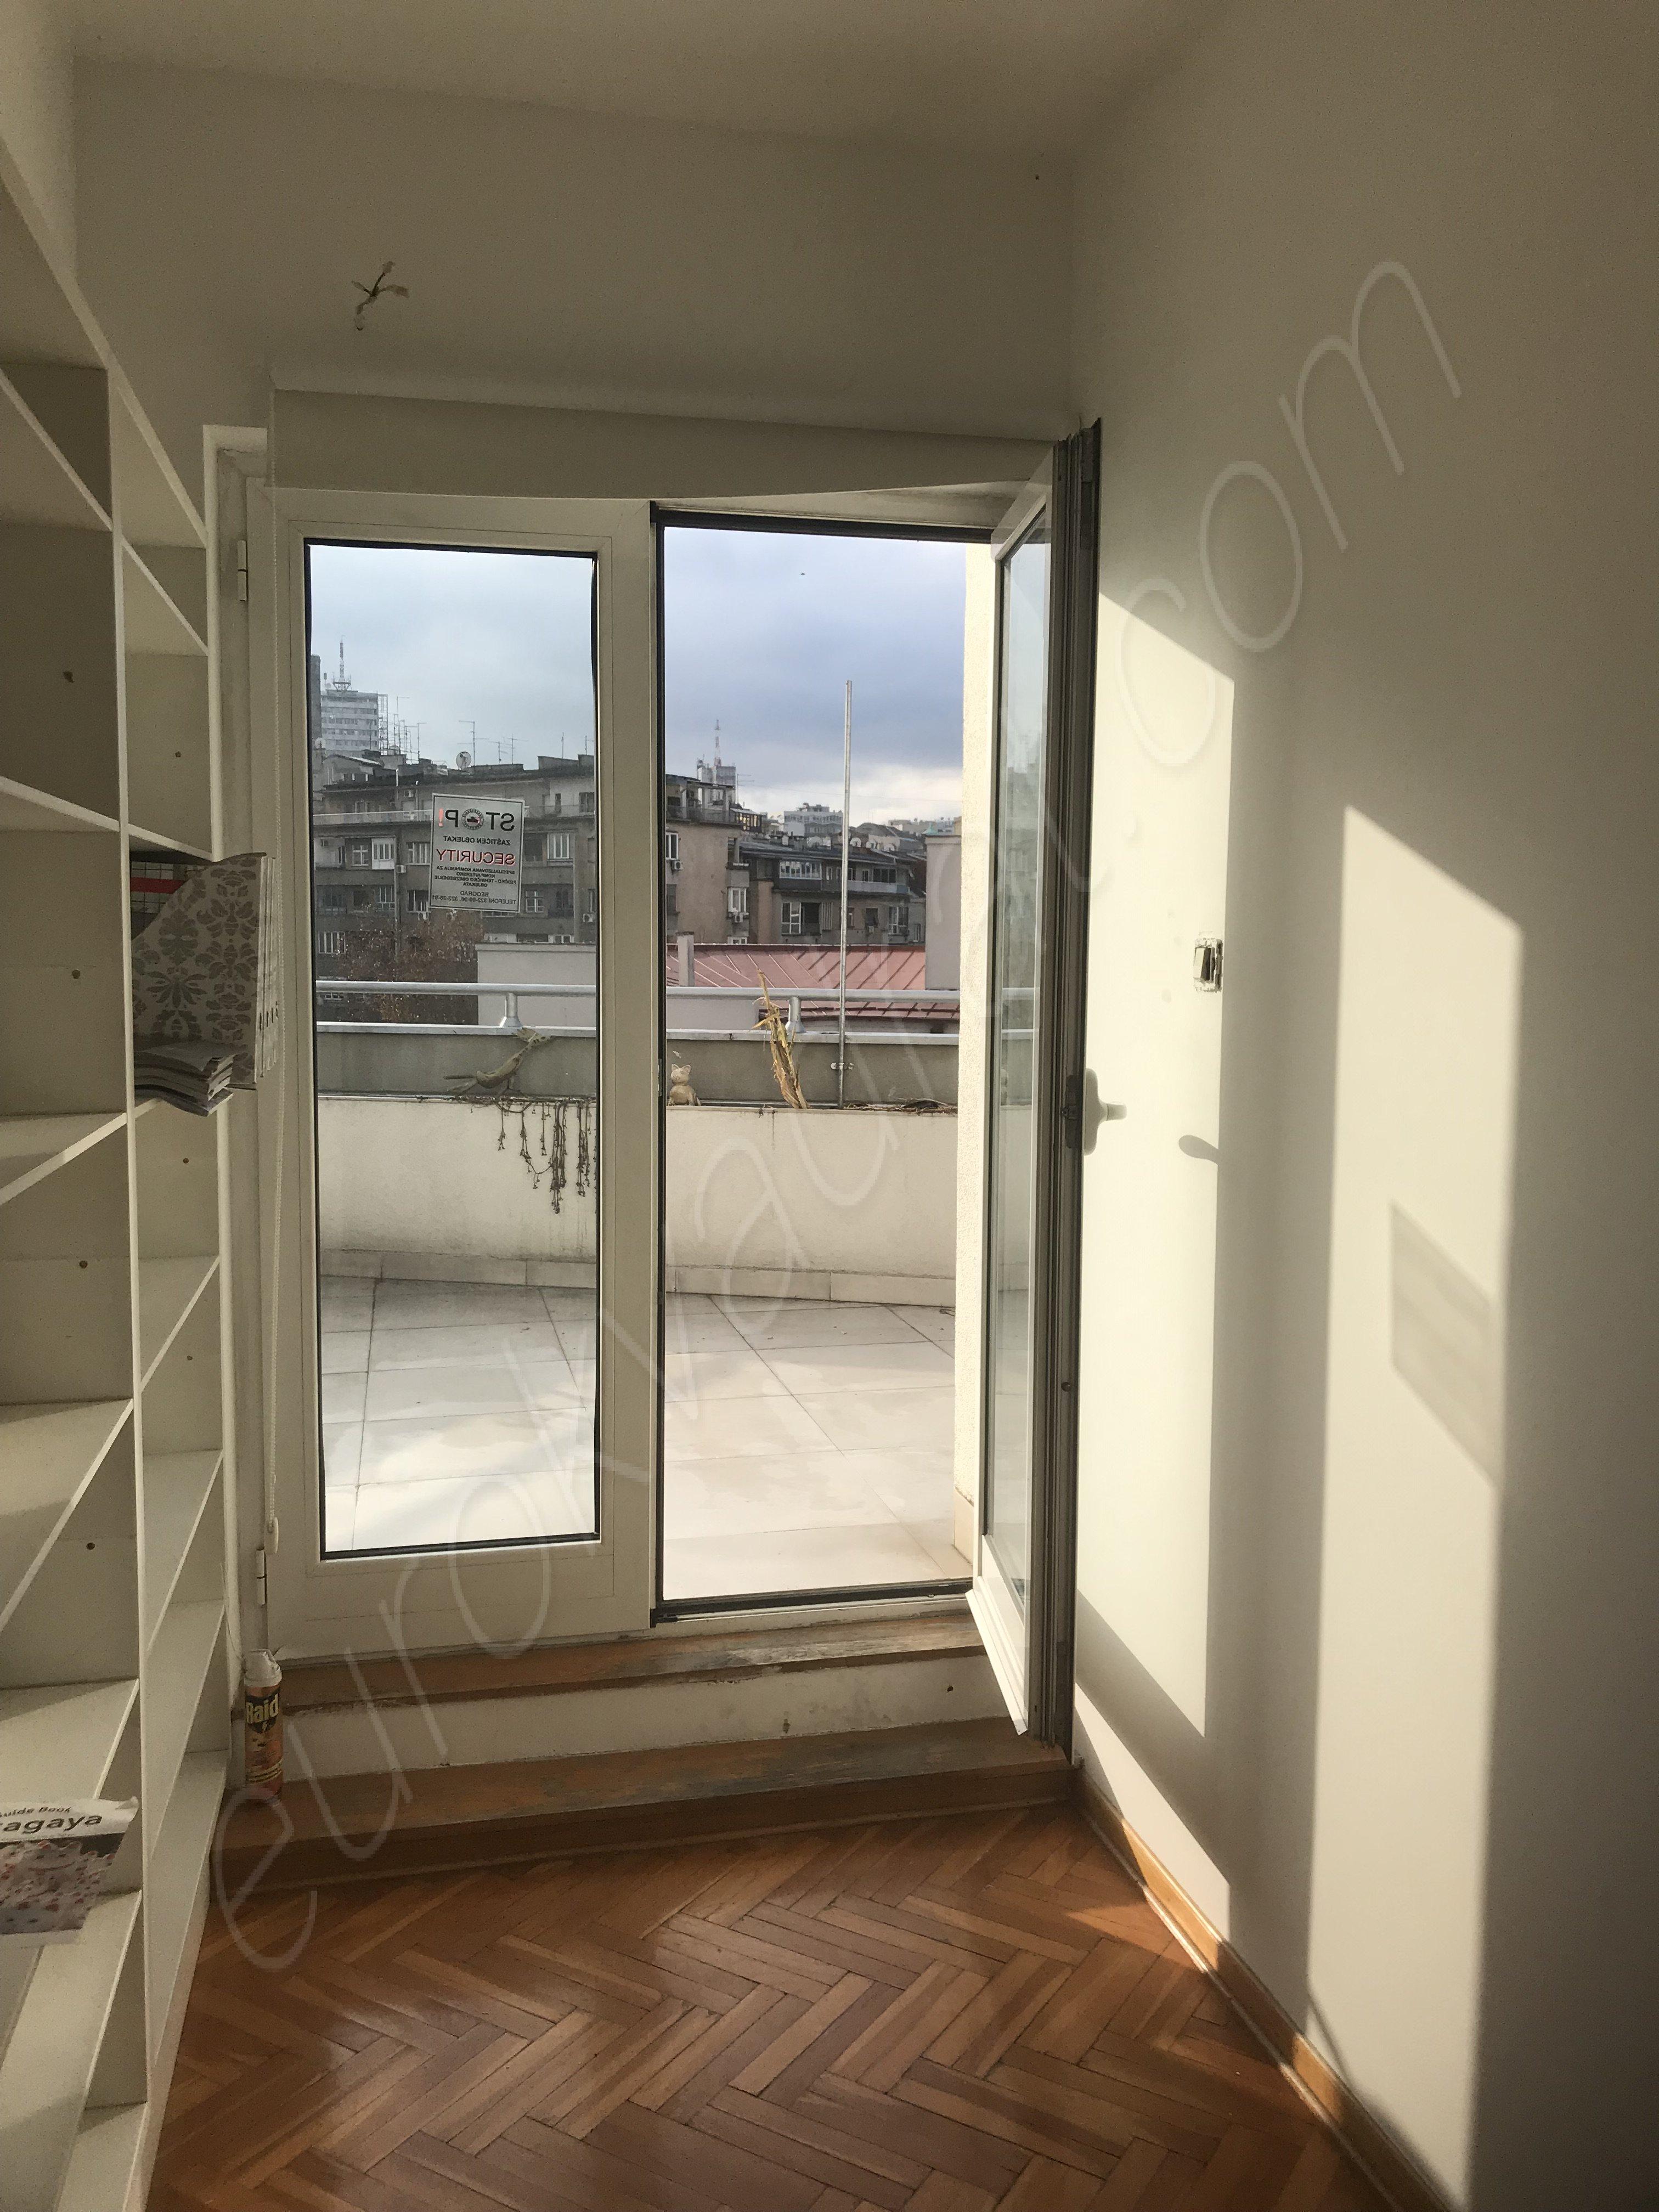 4.0, STARI GRAD, Skender Begova, 143m2, duplex